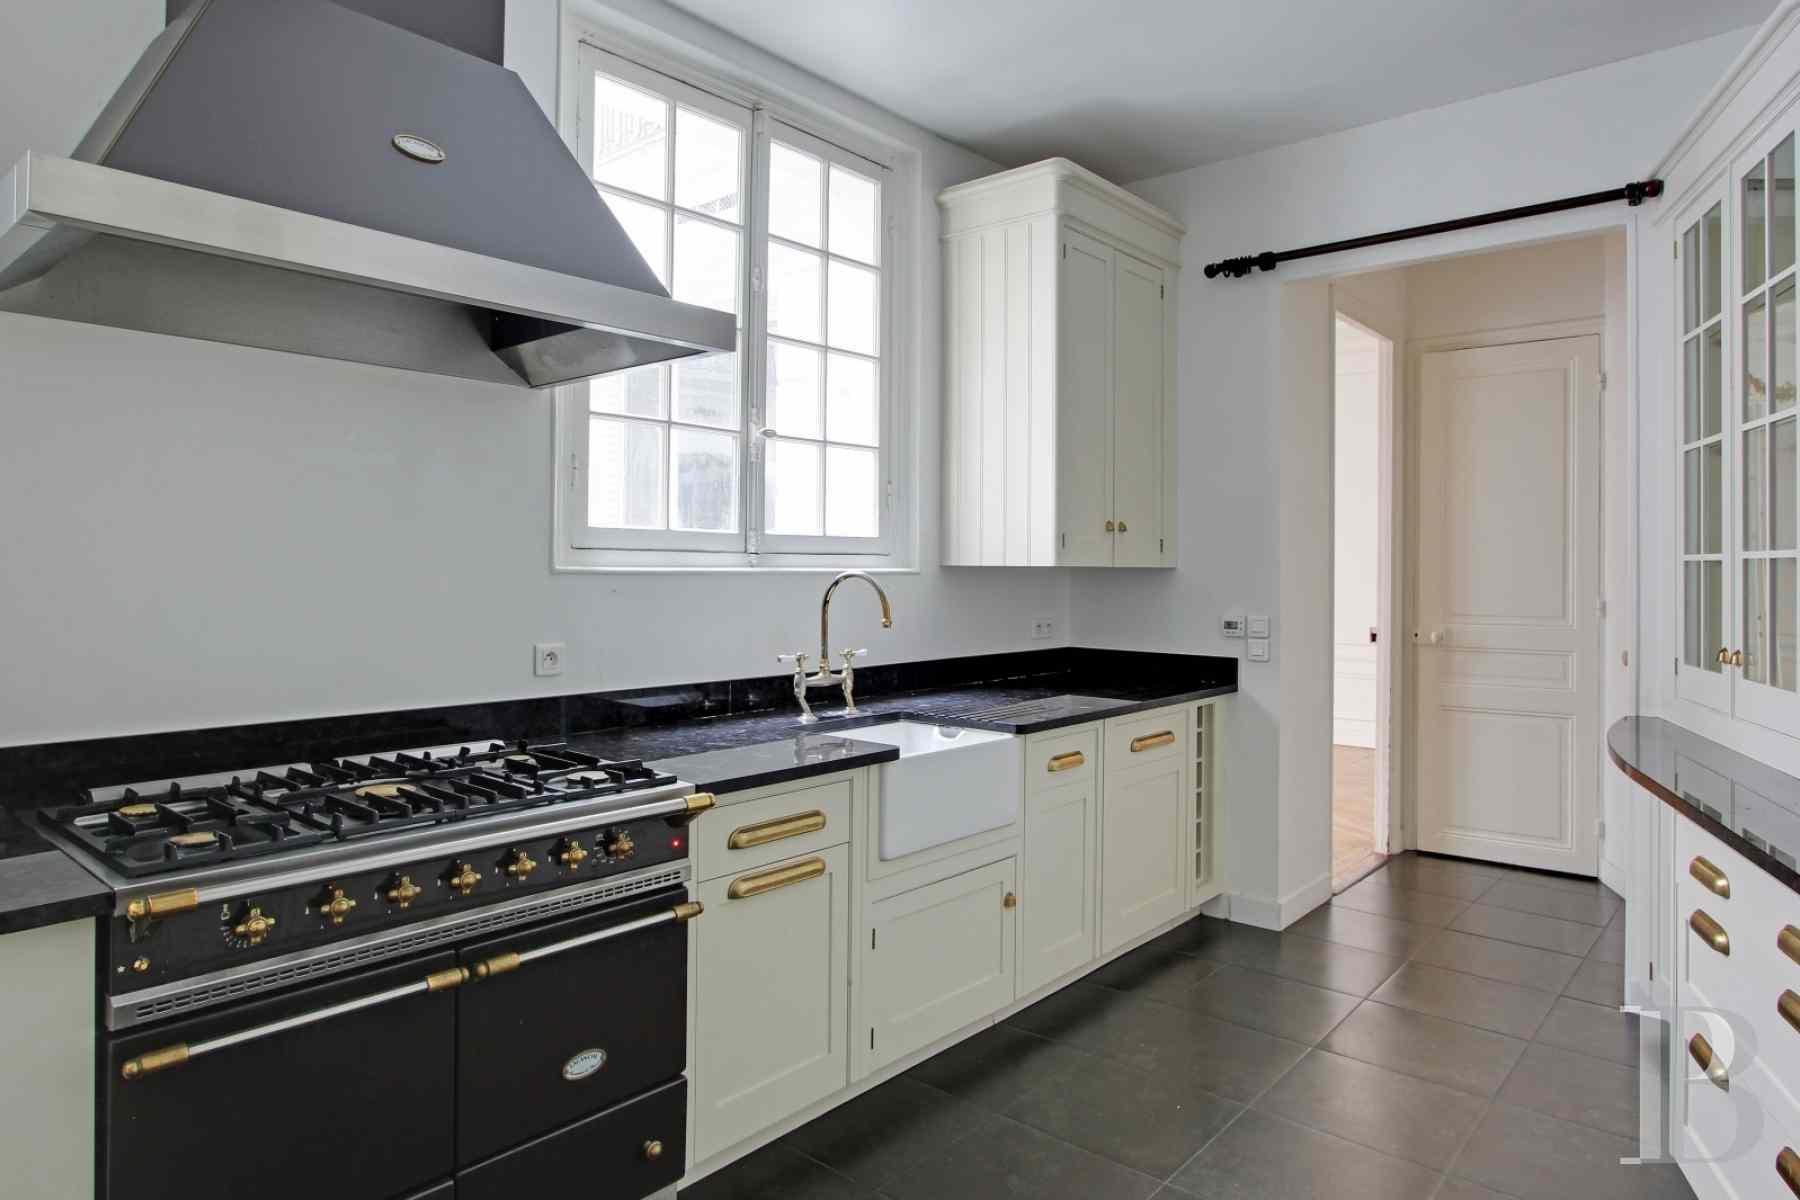 dans le quartier de l 39 ocde pr s du ch teau de la muette un l gant appartement de 255 m et. Black Bedroom Furniture Sets. Home Design Ideas